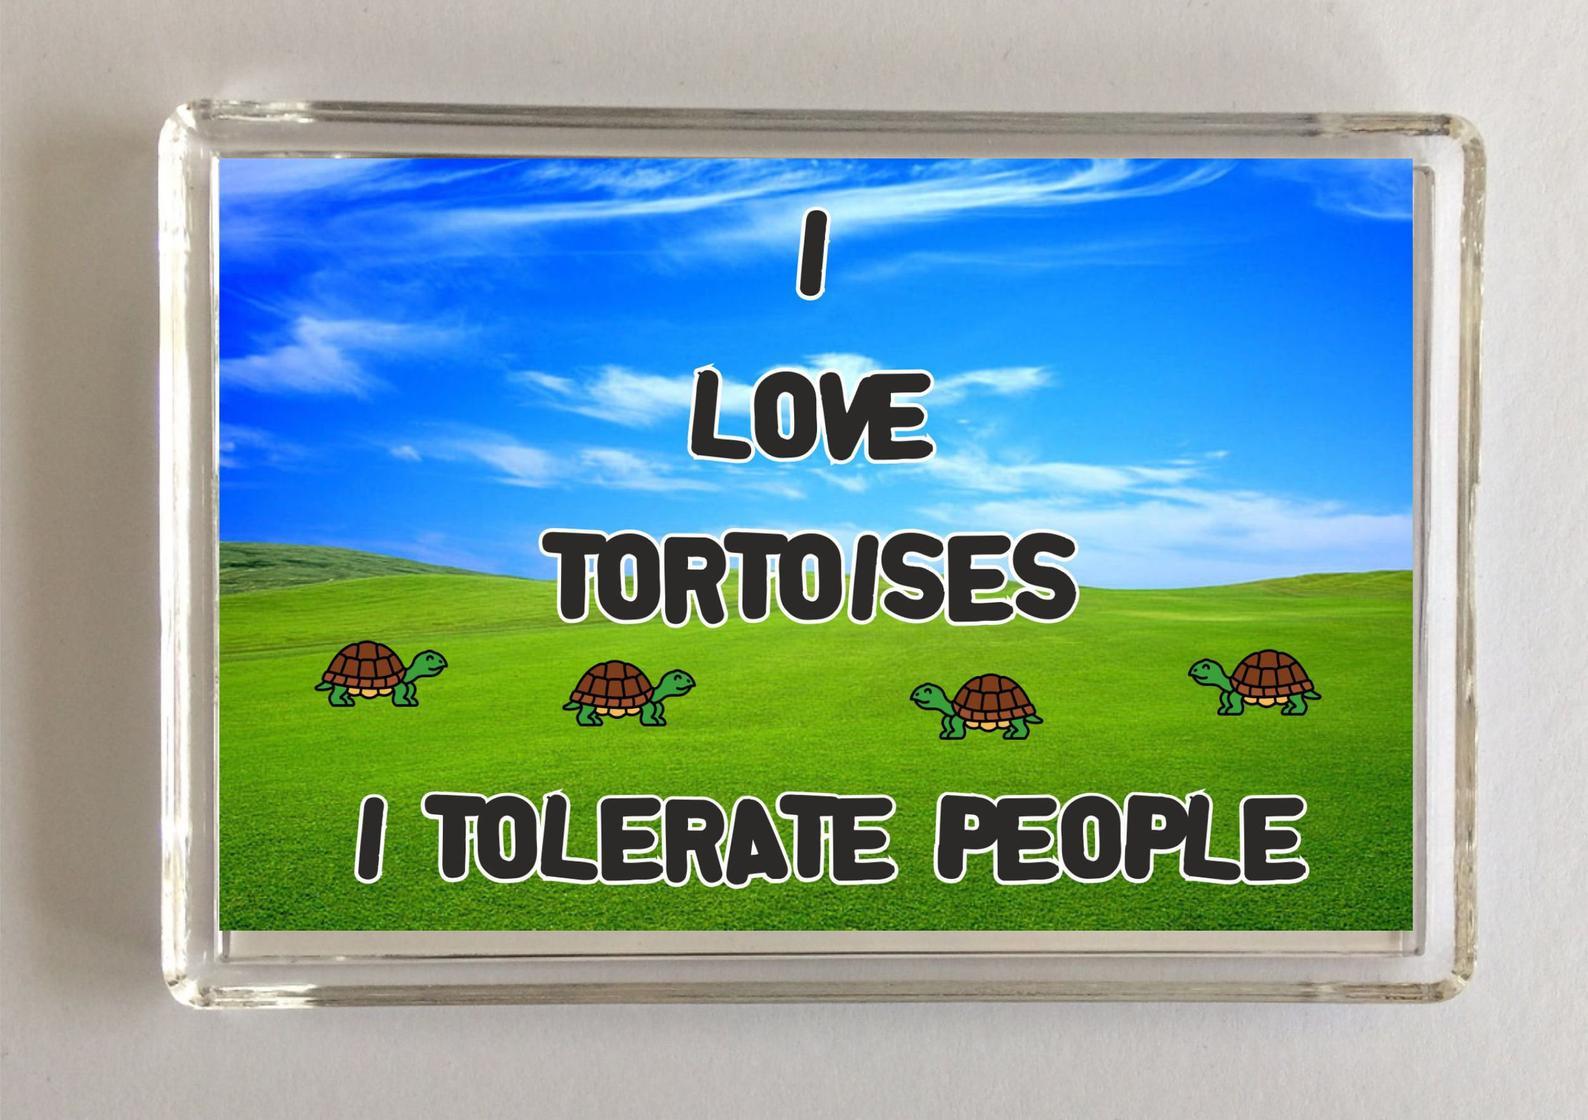 Tortoise slogan novelty magnet -